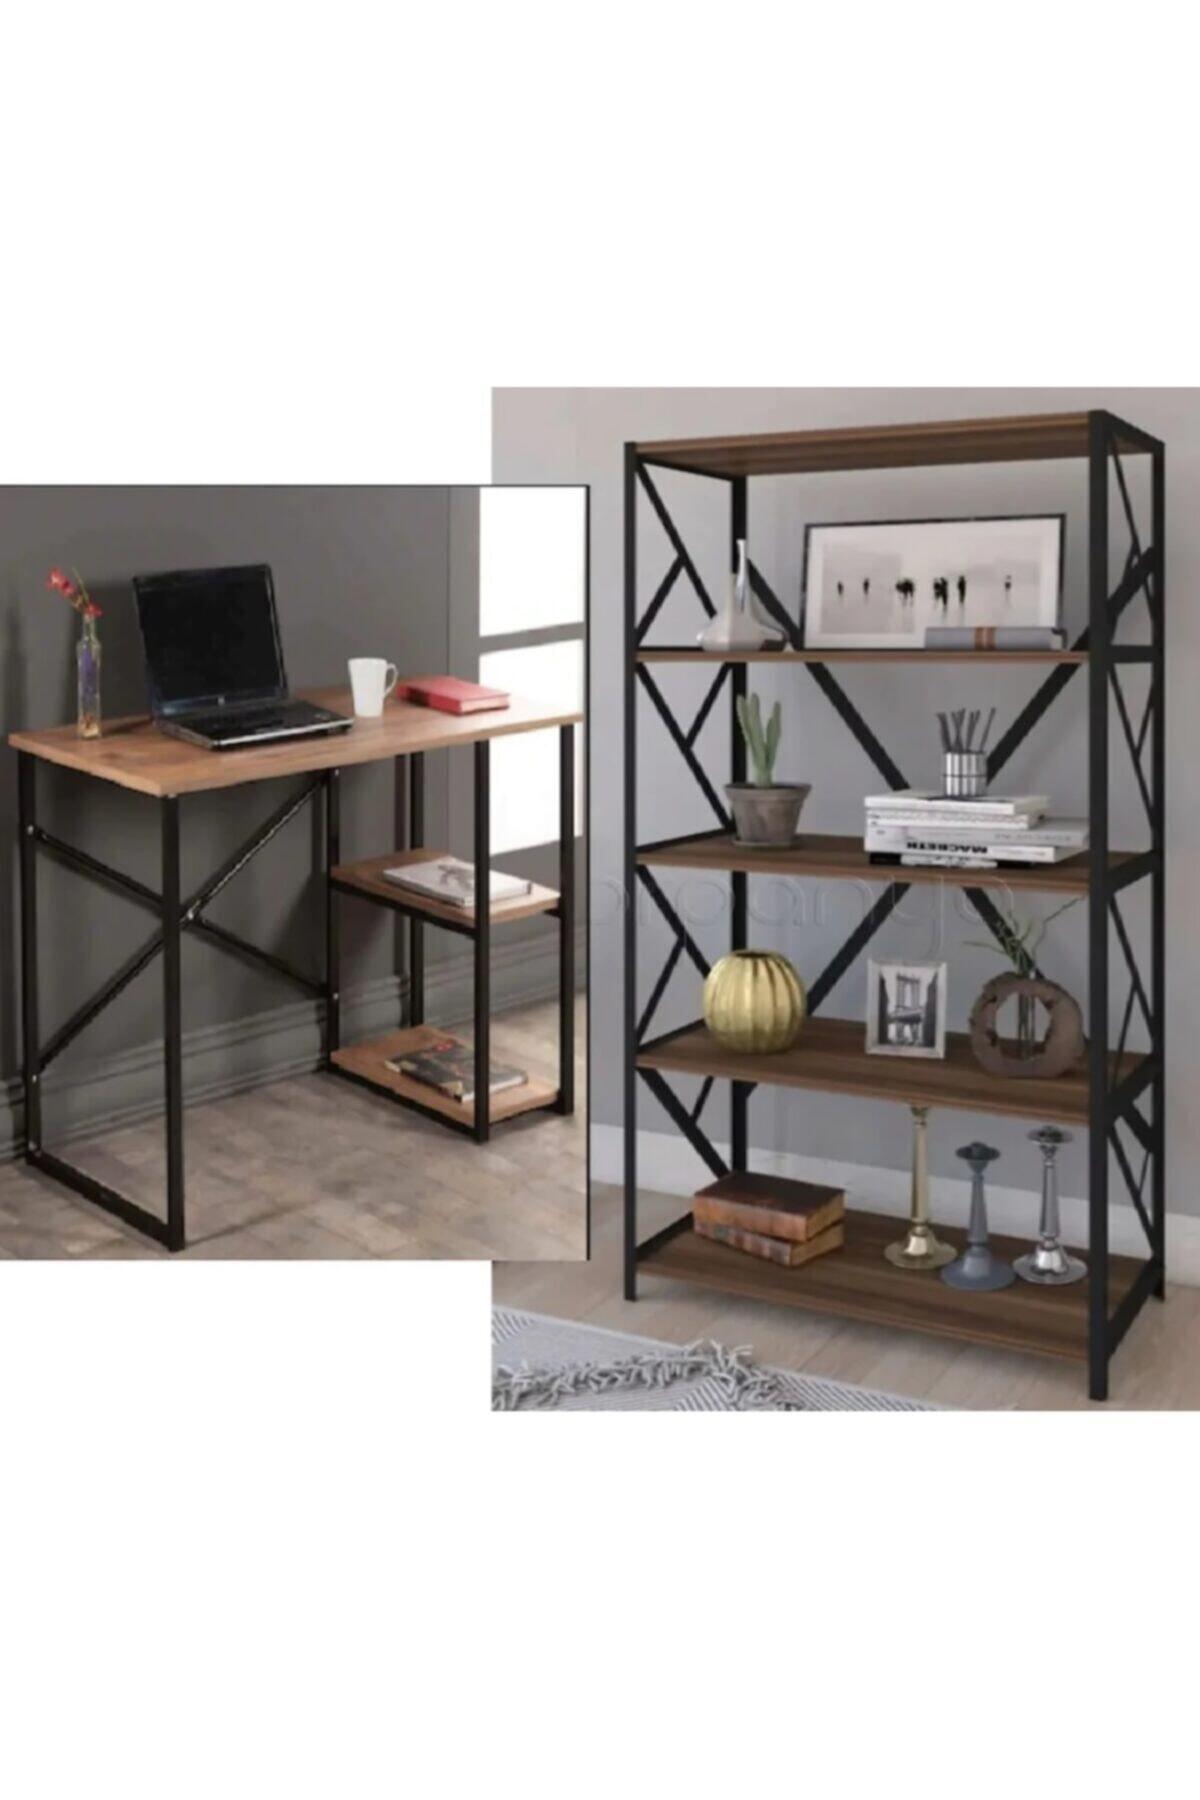 Larem Mobilya Bilgisayar Masası Ve 5 Raflı Metal Kitaplık Set Çalışma Masası Laptop Ofis Masası Ceviz 1